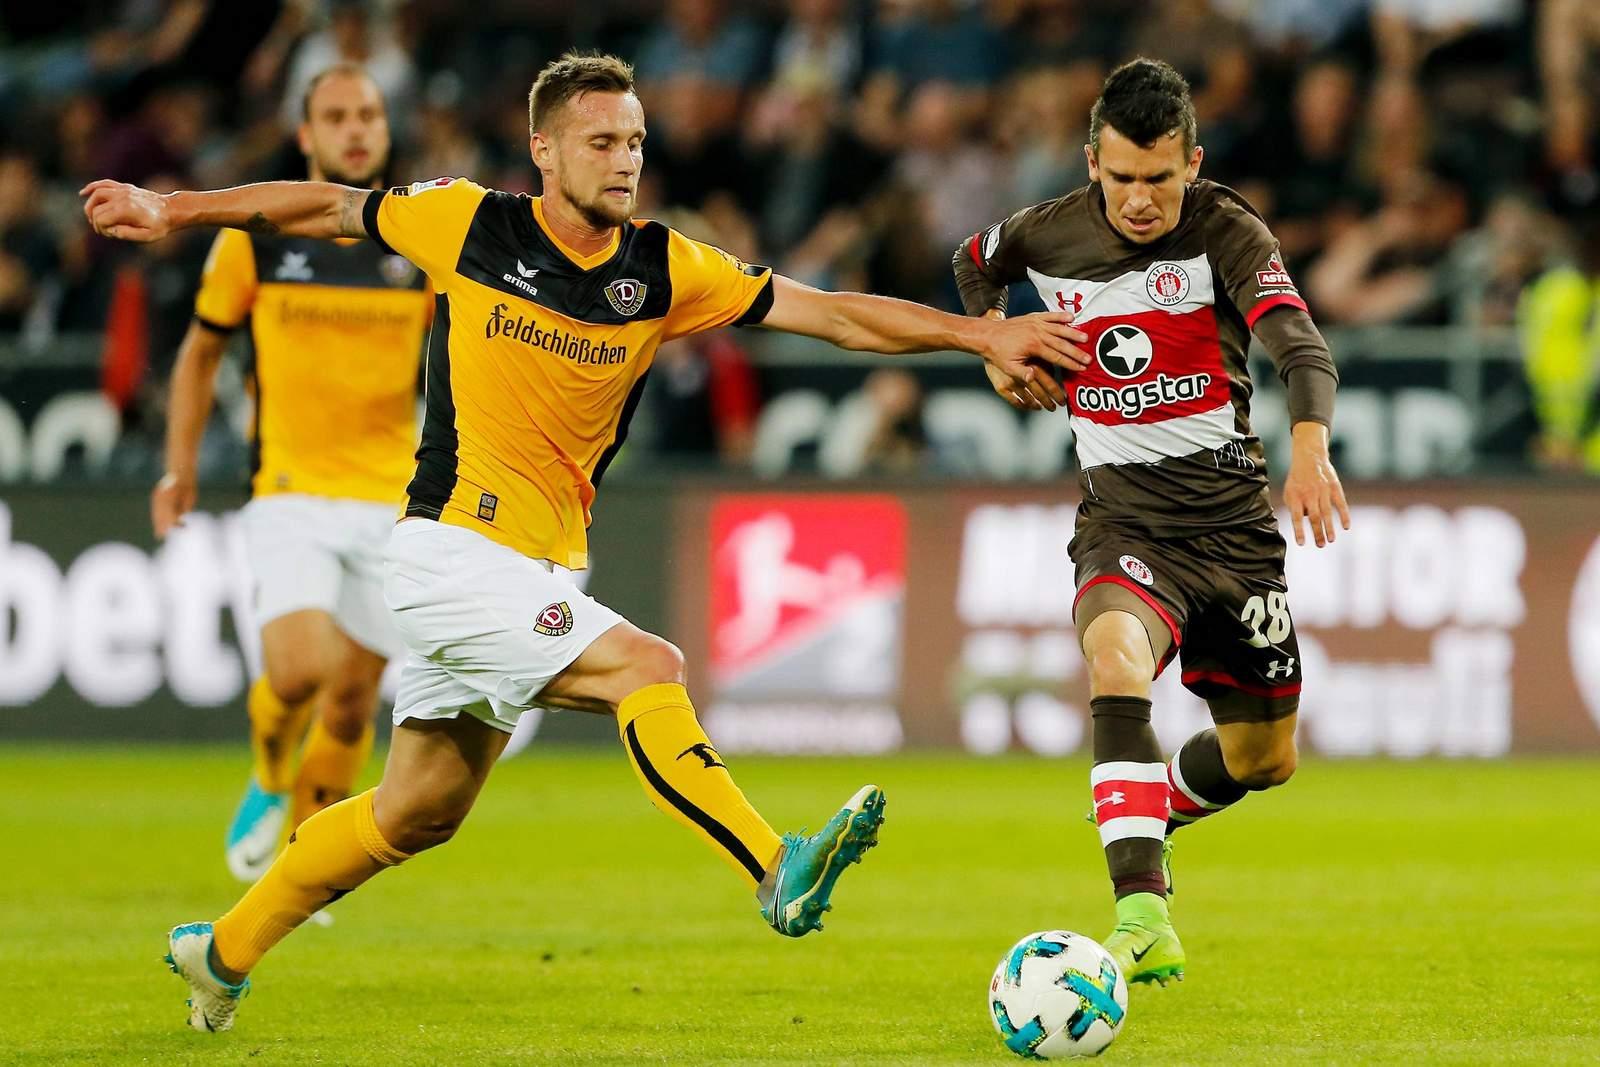 Setzt sich Konrad gegen Sobota durch? Jetzt auf Dynamo Dresden vs St. Pauli wetten